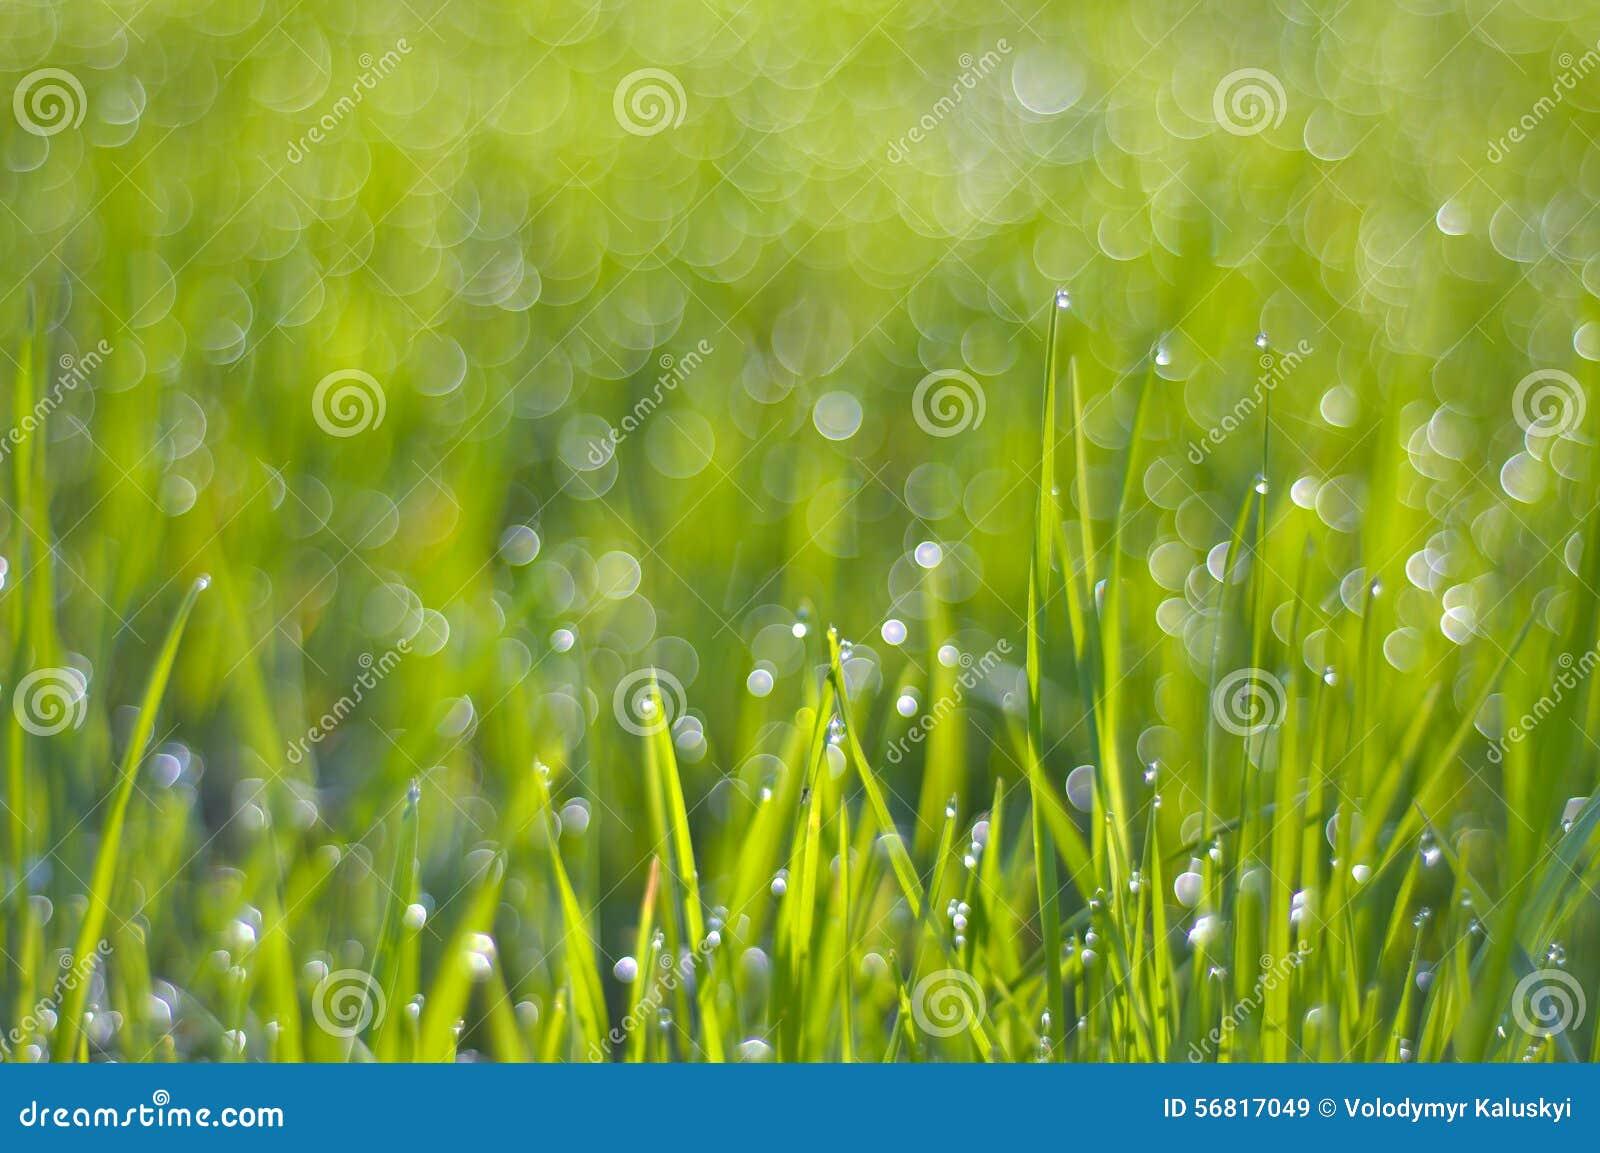 Πλούσια πράσινη χλόη στα σταγονίδια της δροσιάς στο φως ήλιων πρωινού